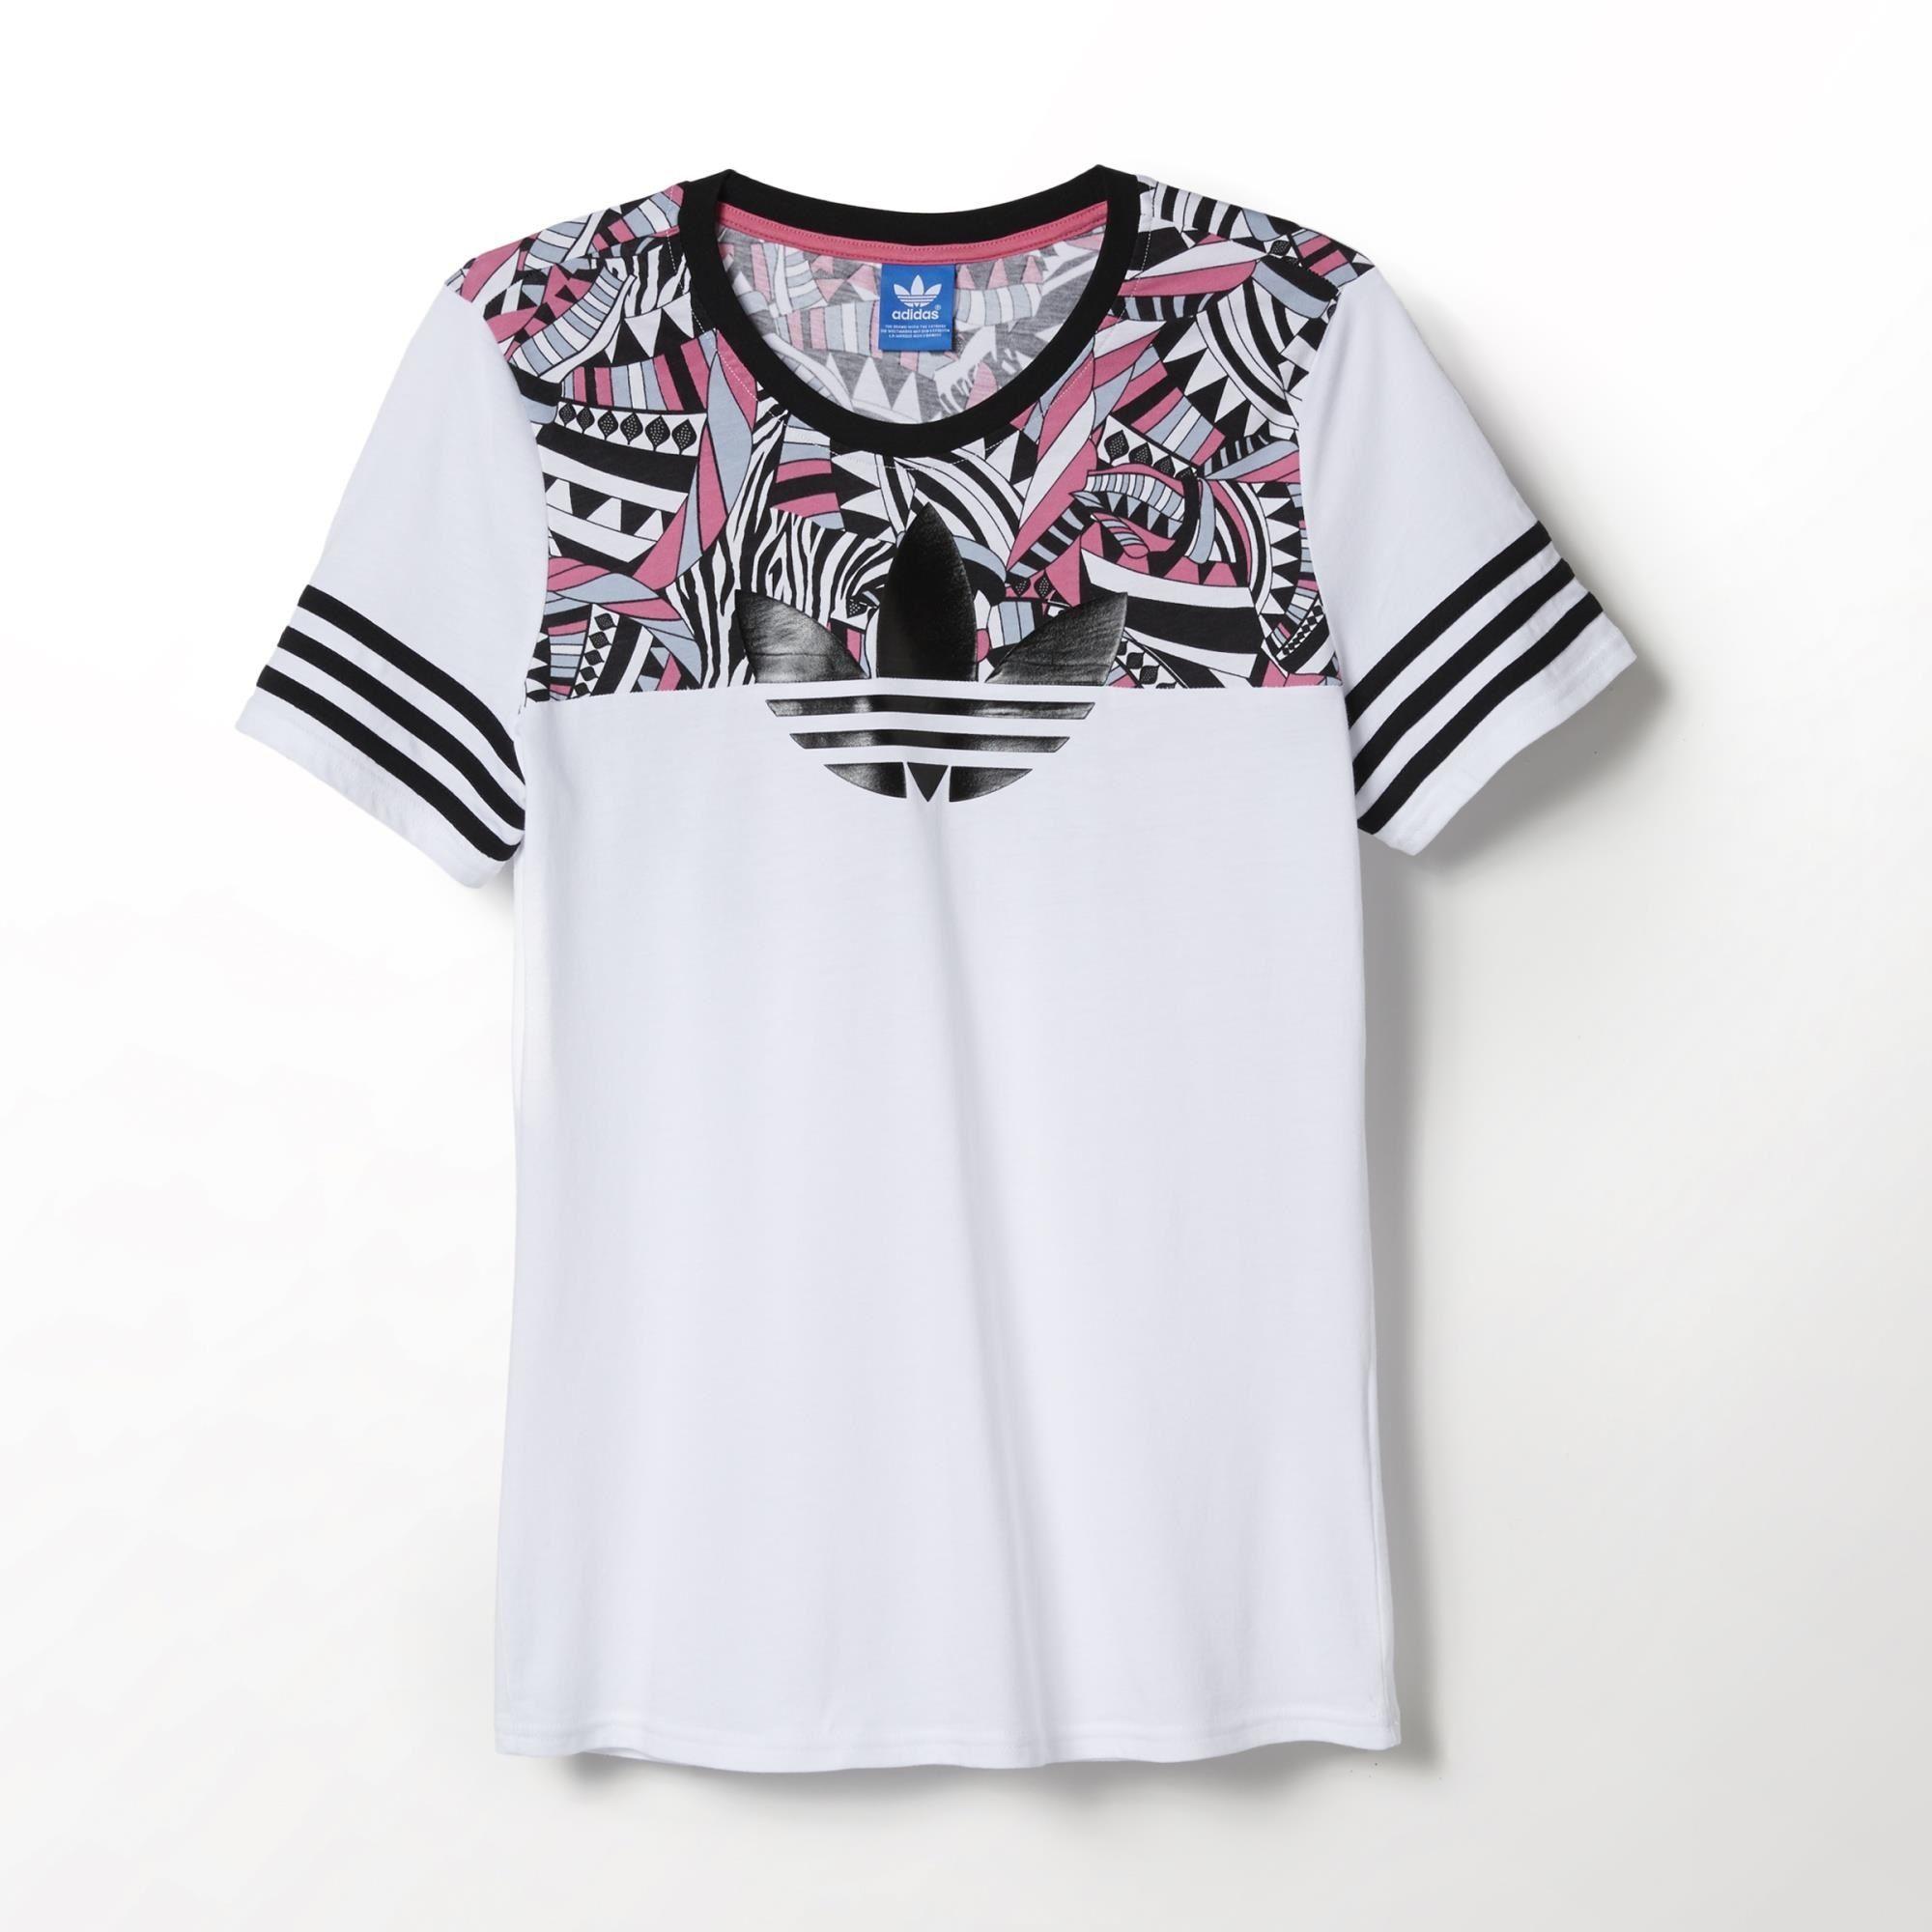 adidas - Camiseta Graphic Sport Top Feminina